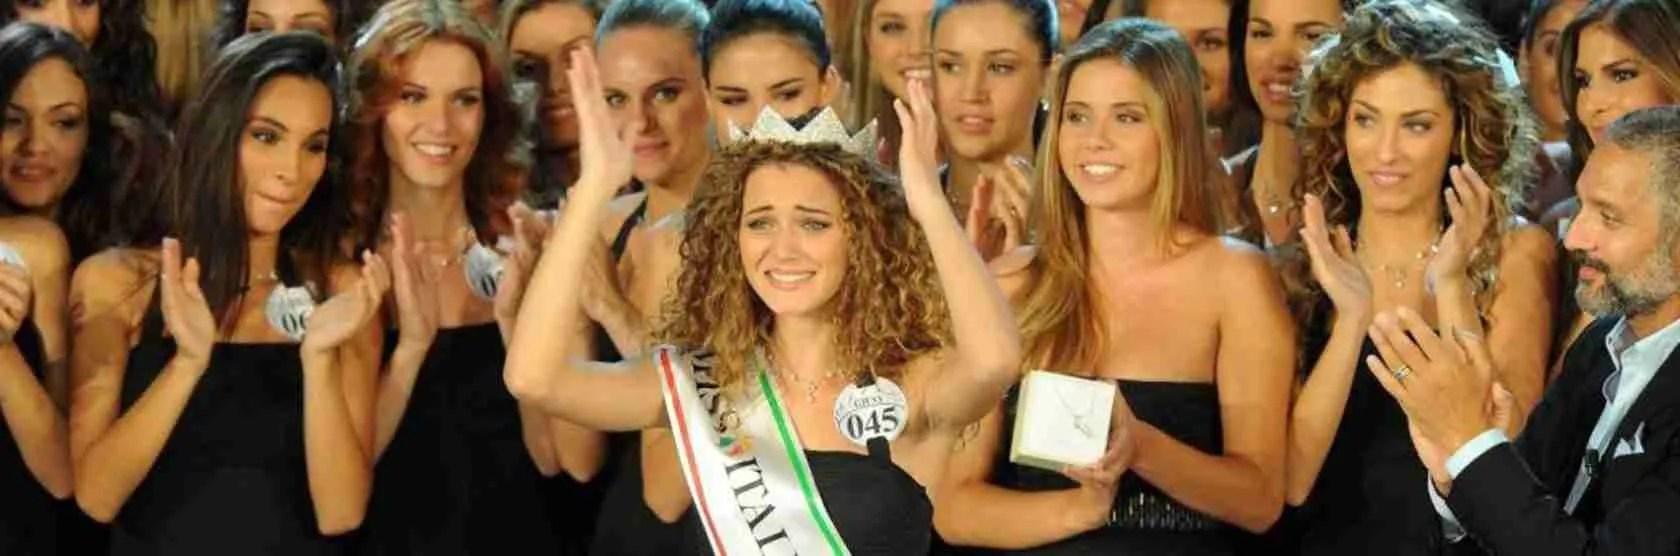 Le escort Montecatini Terme sono splendide ragazze che potrebbero partecipare al concorso di Miss Italia.